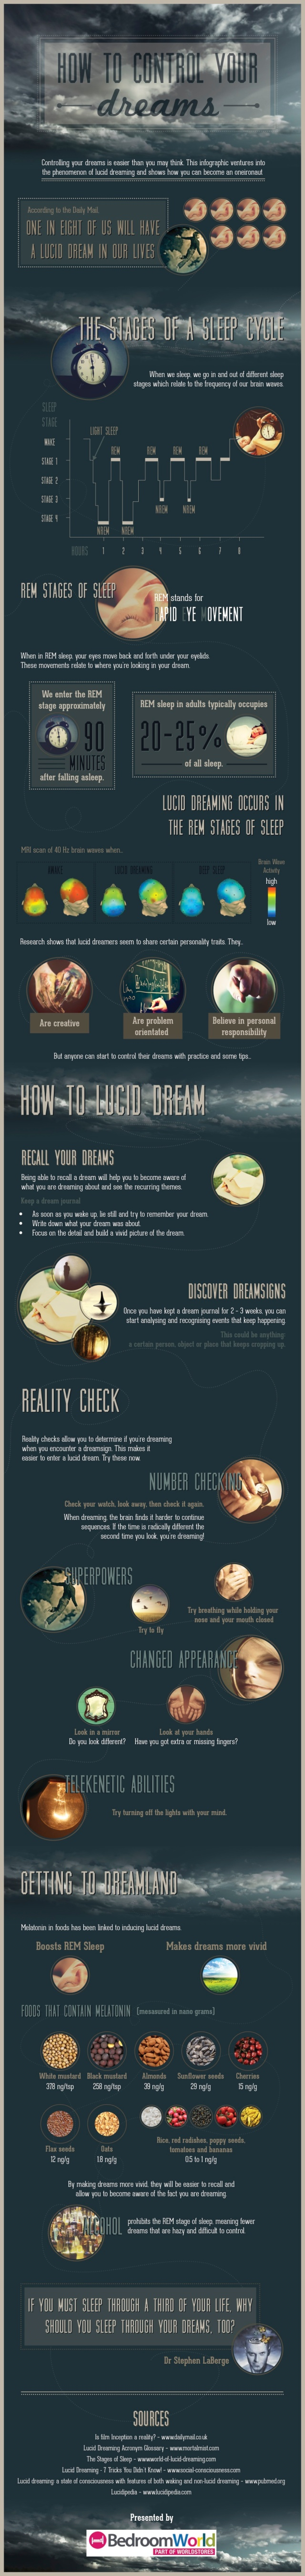 Cómo controlar tus sueños